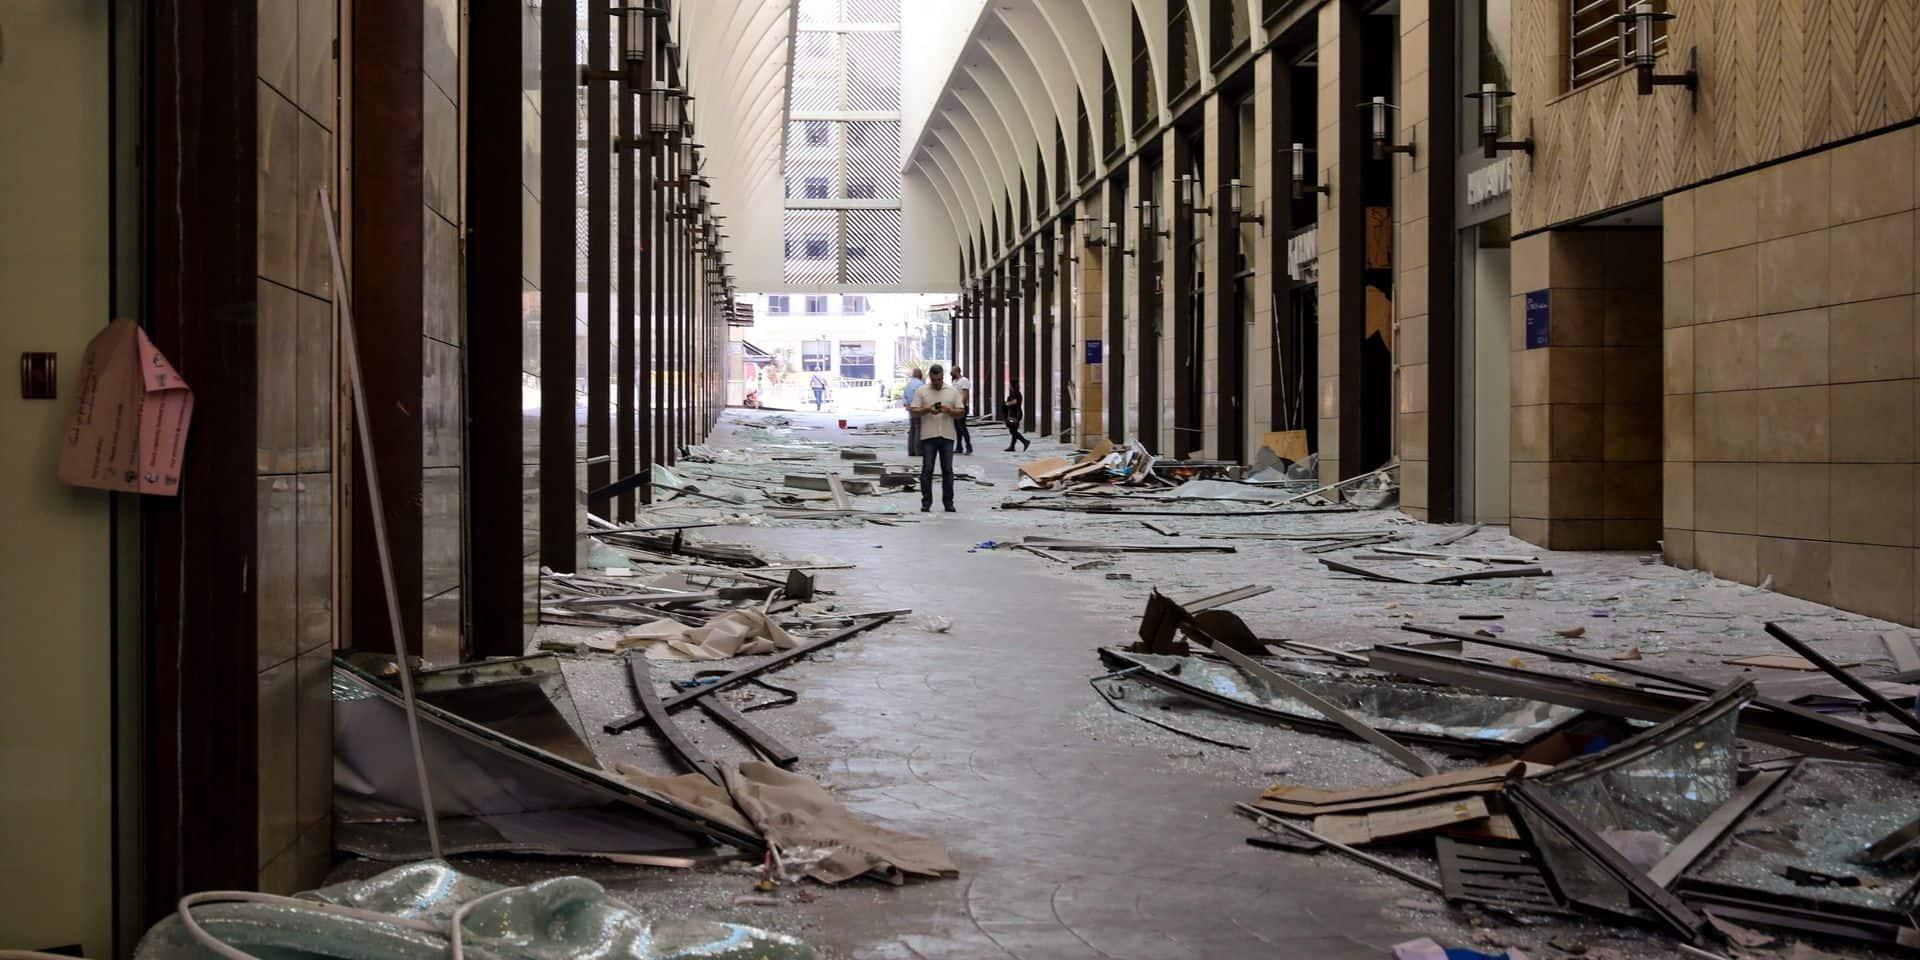 """Interpol envoie une équipe d'experts à Beyrouth : """"L'expérience d'Interpol peut apporter une aide précieuse"""""""